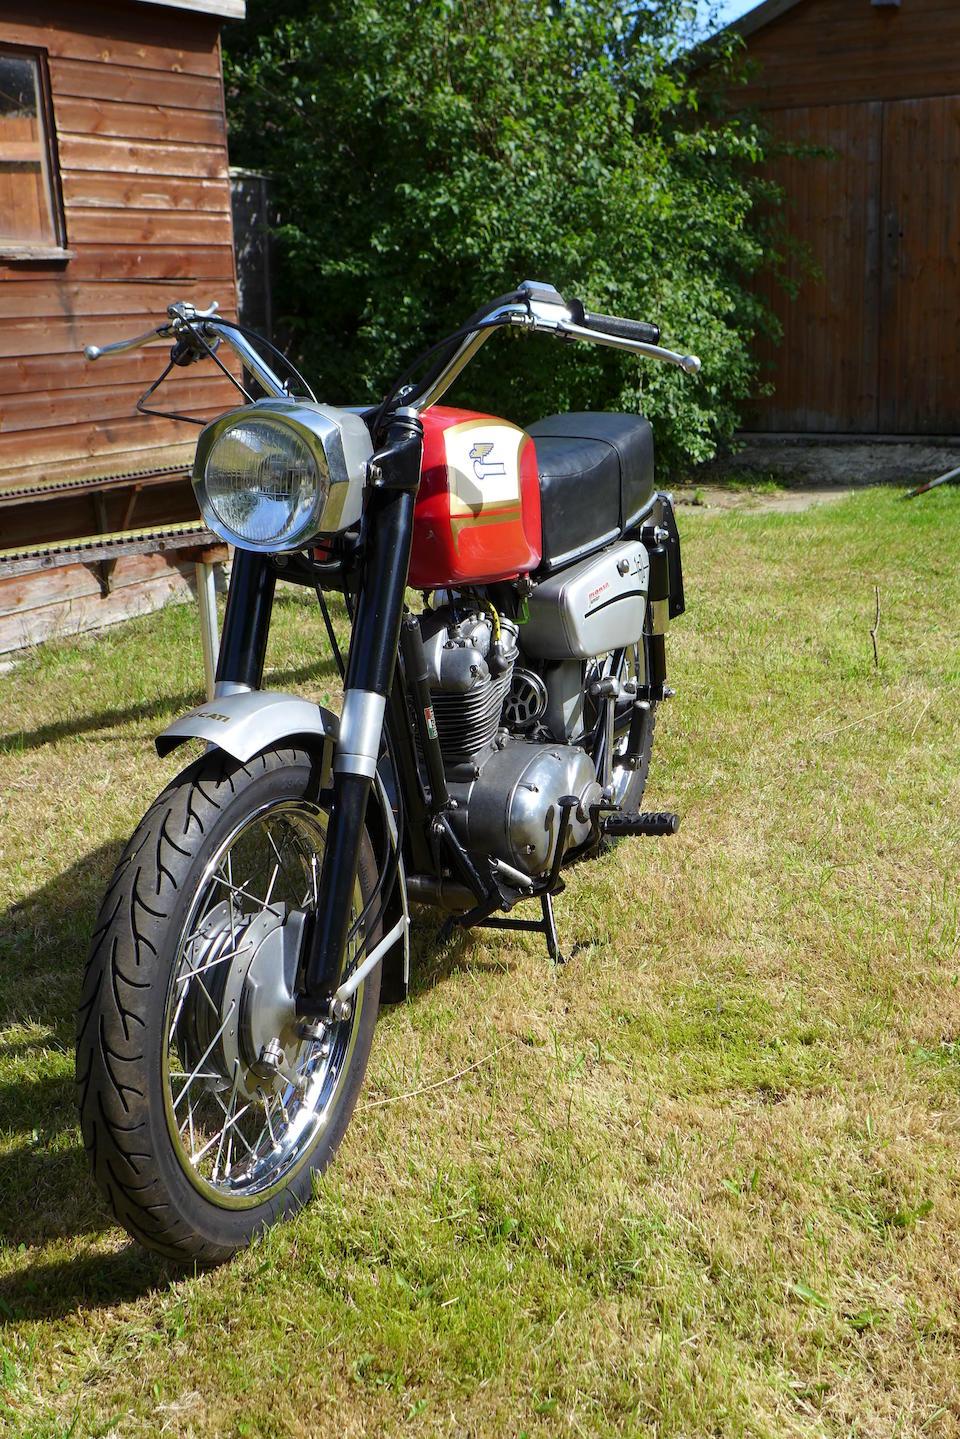 1967 Ducati 160cc Monza Junior Frame no. DM160 21228 Engine no. DM160 21228